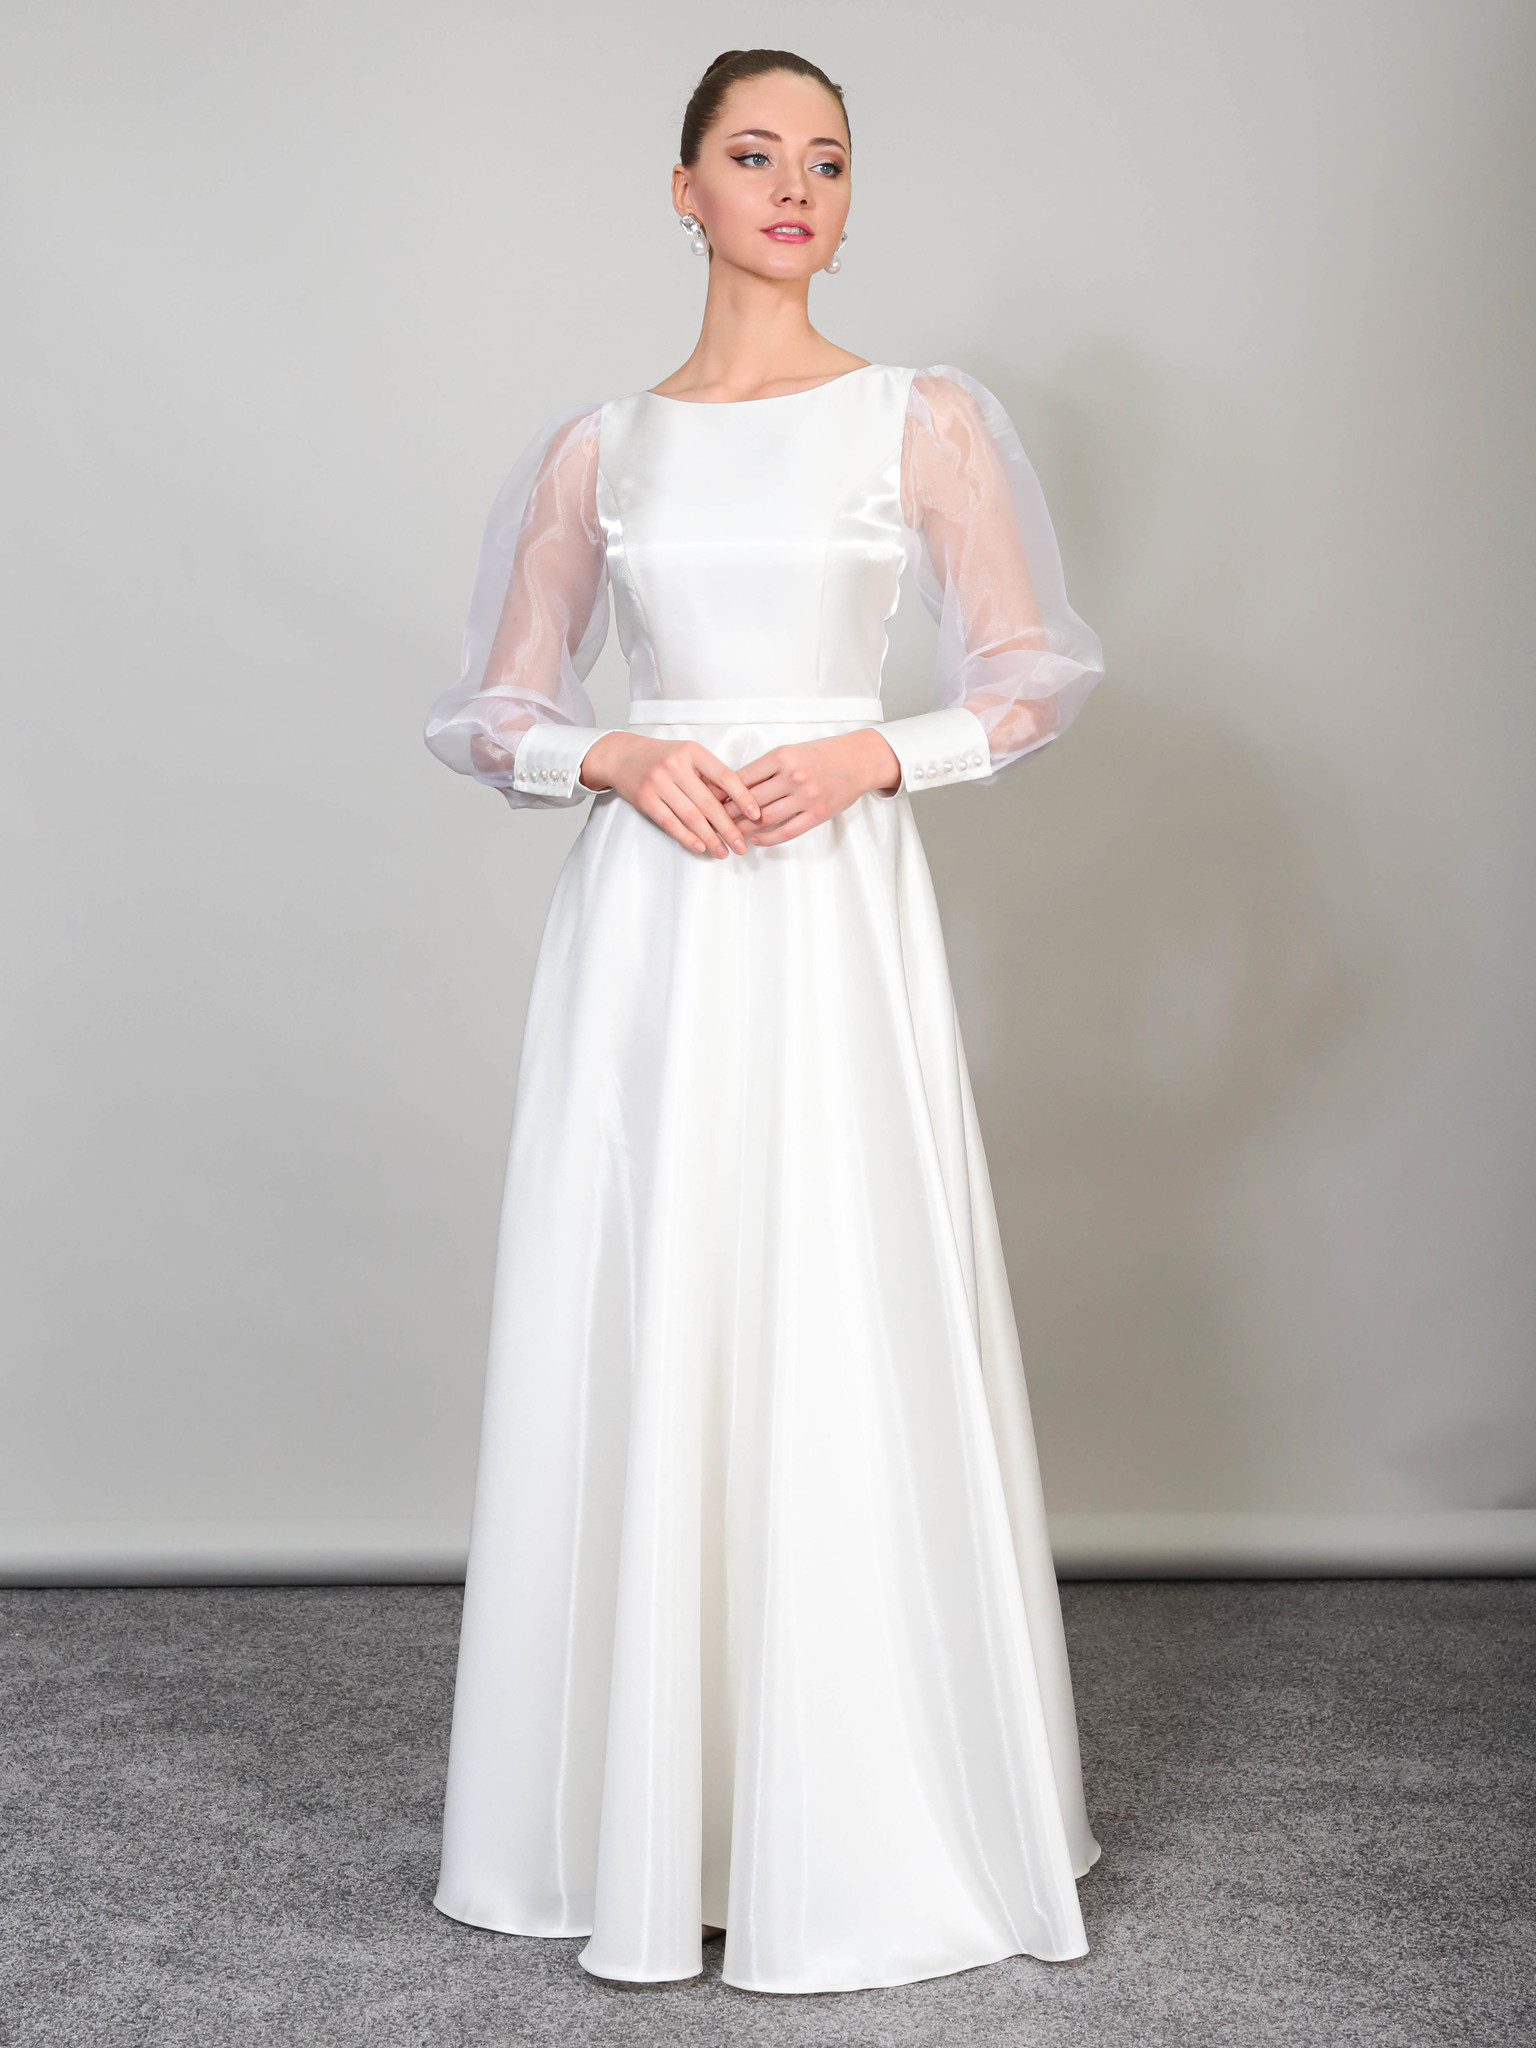 Свадебное платье Классика с манжетами на рукавах (молочный)